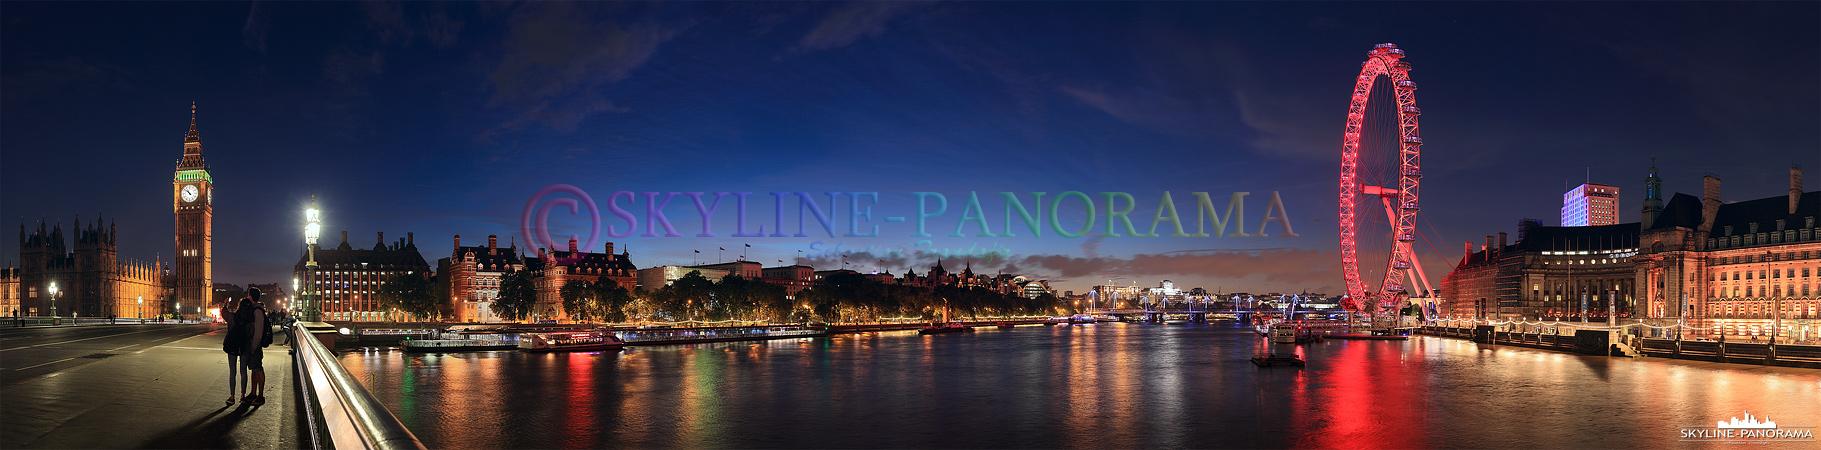 Wahrzeichen von London – Dieses Panorama zeigt den Blick von der Westminster Bridge aus auf das Londoner Wahrzeichen Big Ben und das Riesenrad London Eye.